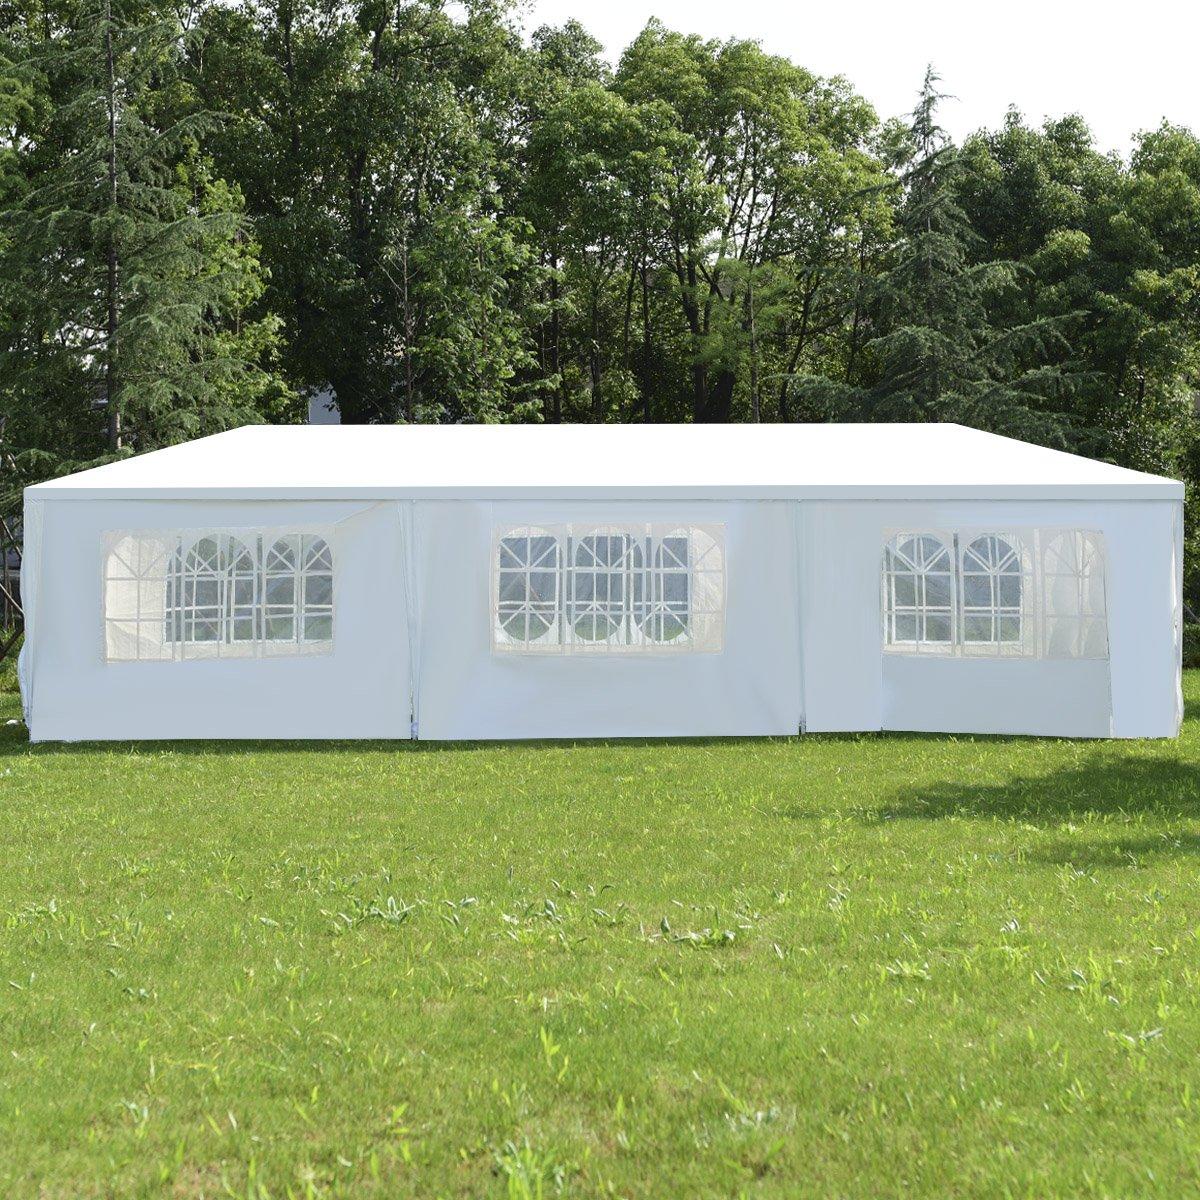 COSTWAY Partyzelt Gartenzelt Festzelt Hochzeit Pavillon Pavillon Pavillon Zelt Gartenpavillon Bierzelt mit Fenster 3x9m (Weiß) daa910